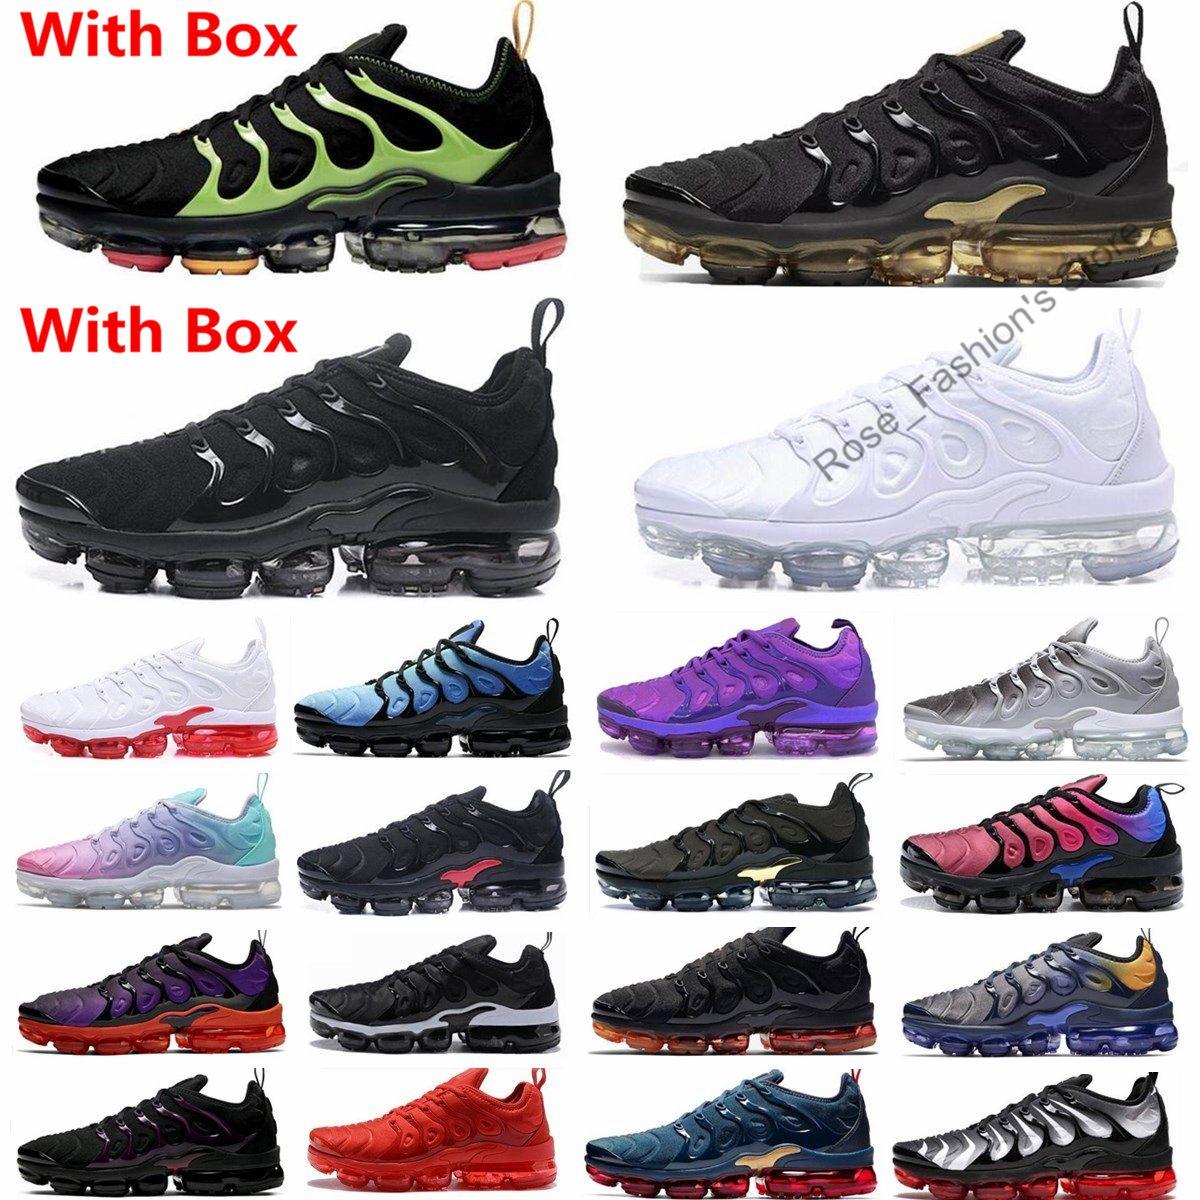 2021 Nouveaux chaussures de sport Tn plus chaussures de course Triple noir 2020 Plus hommes Femmes Formatrices Aubergine Blanc Argent Volt SZ36-47 Baskets prix pas cher